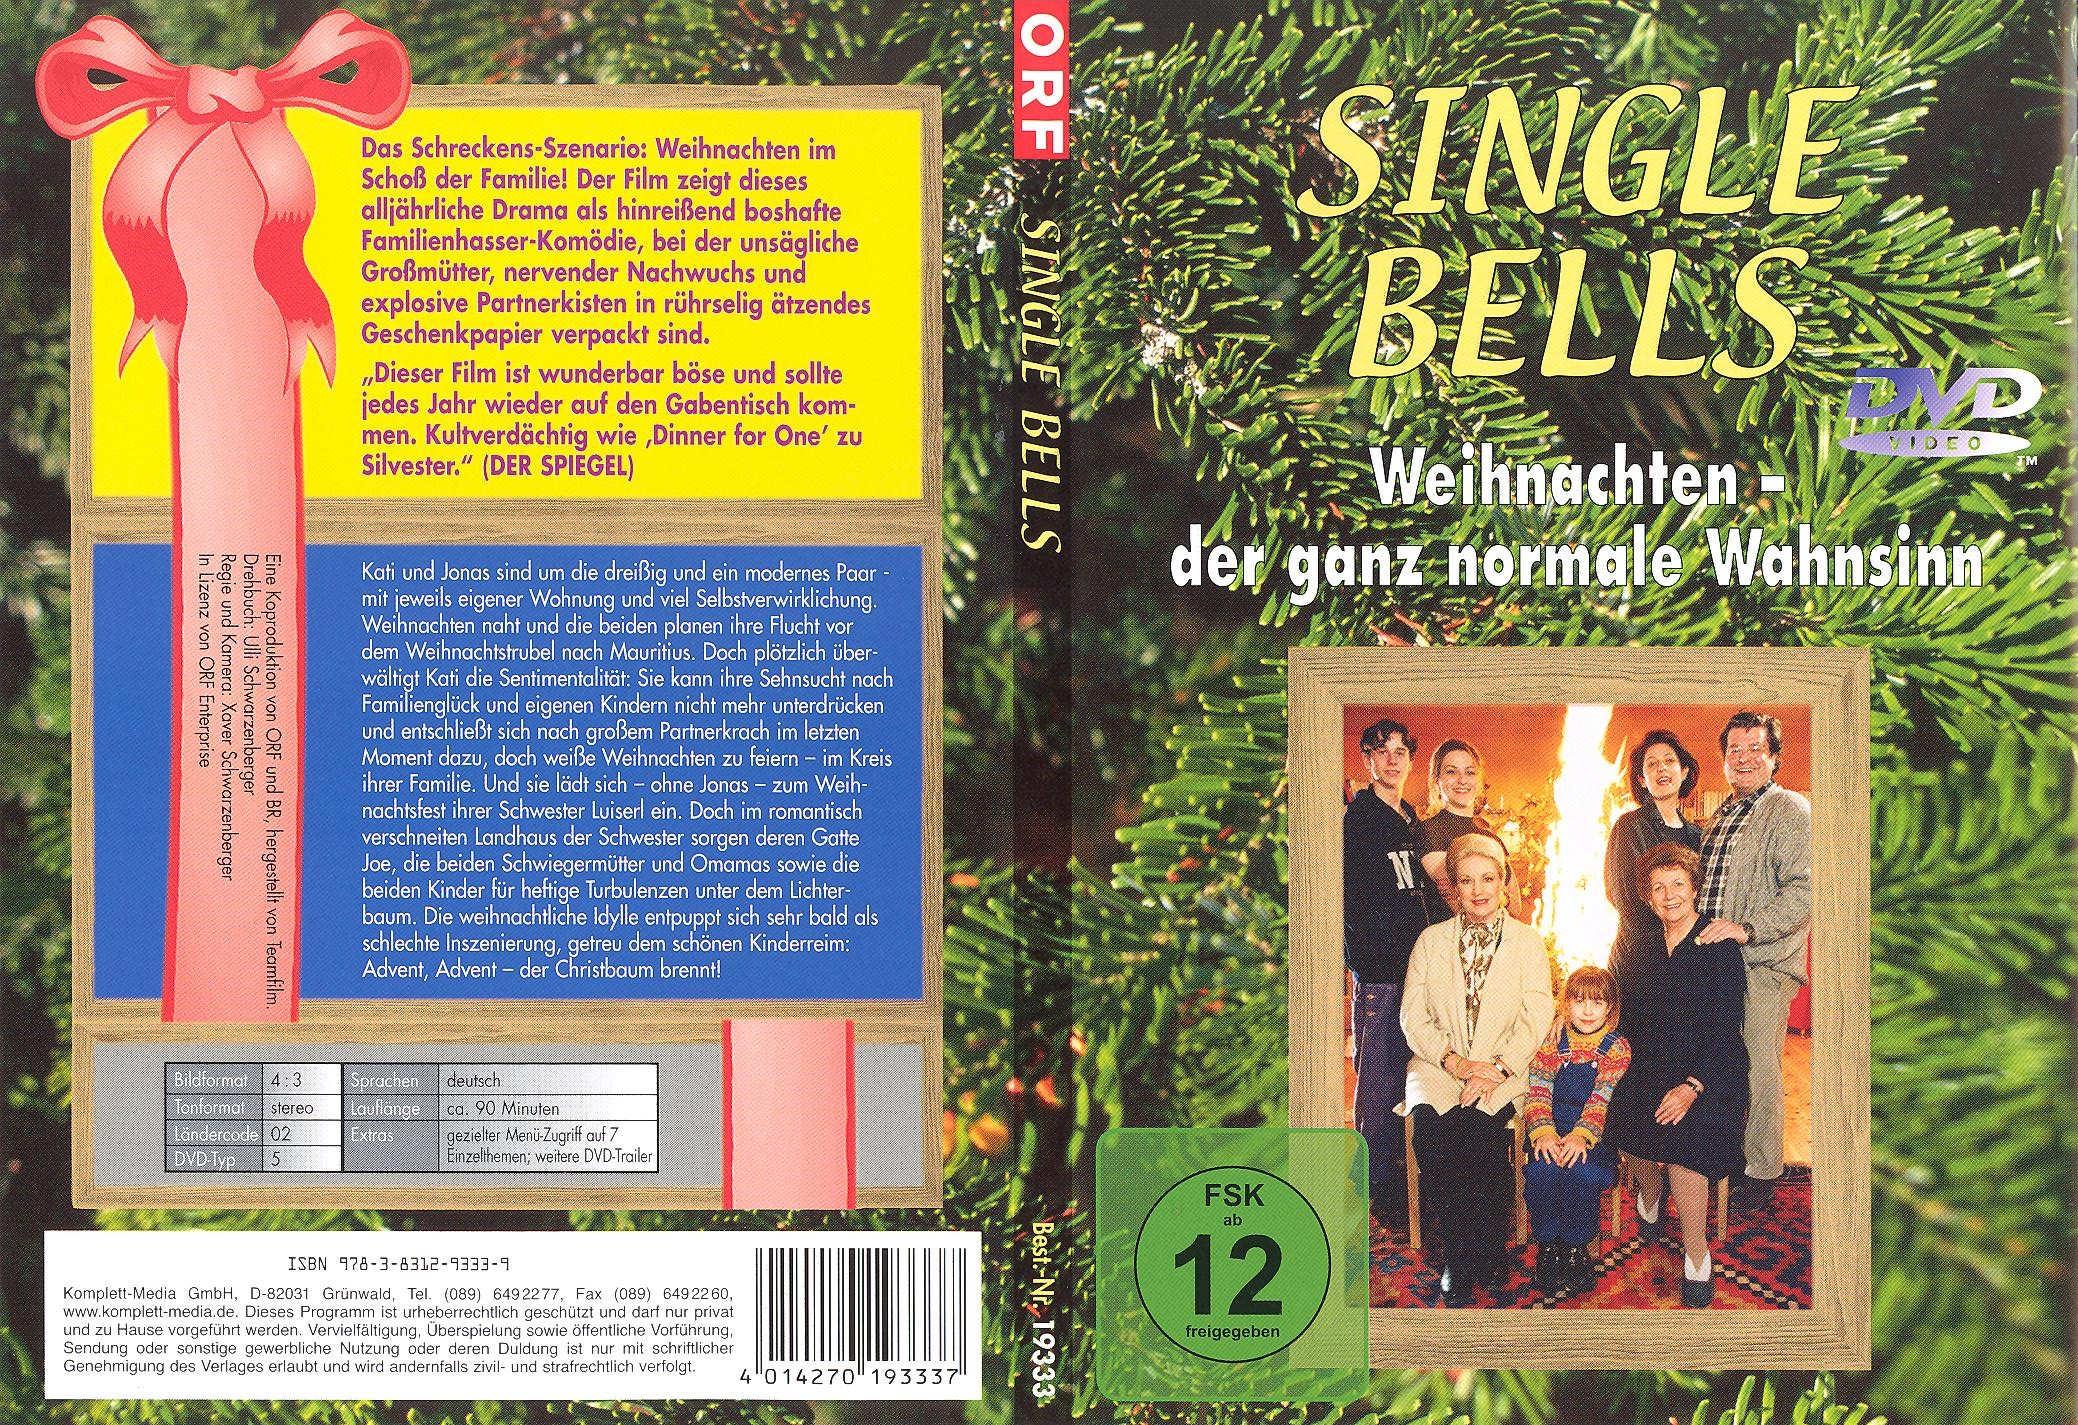 watch single bells ingyen